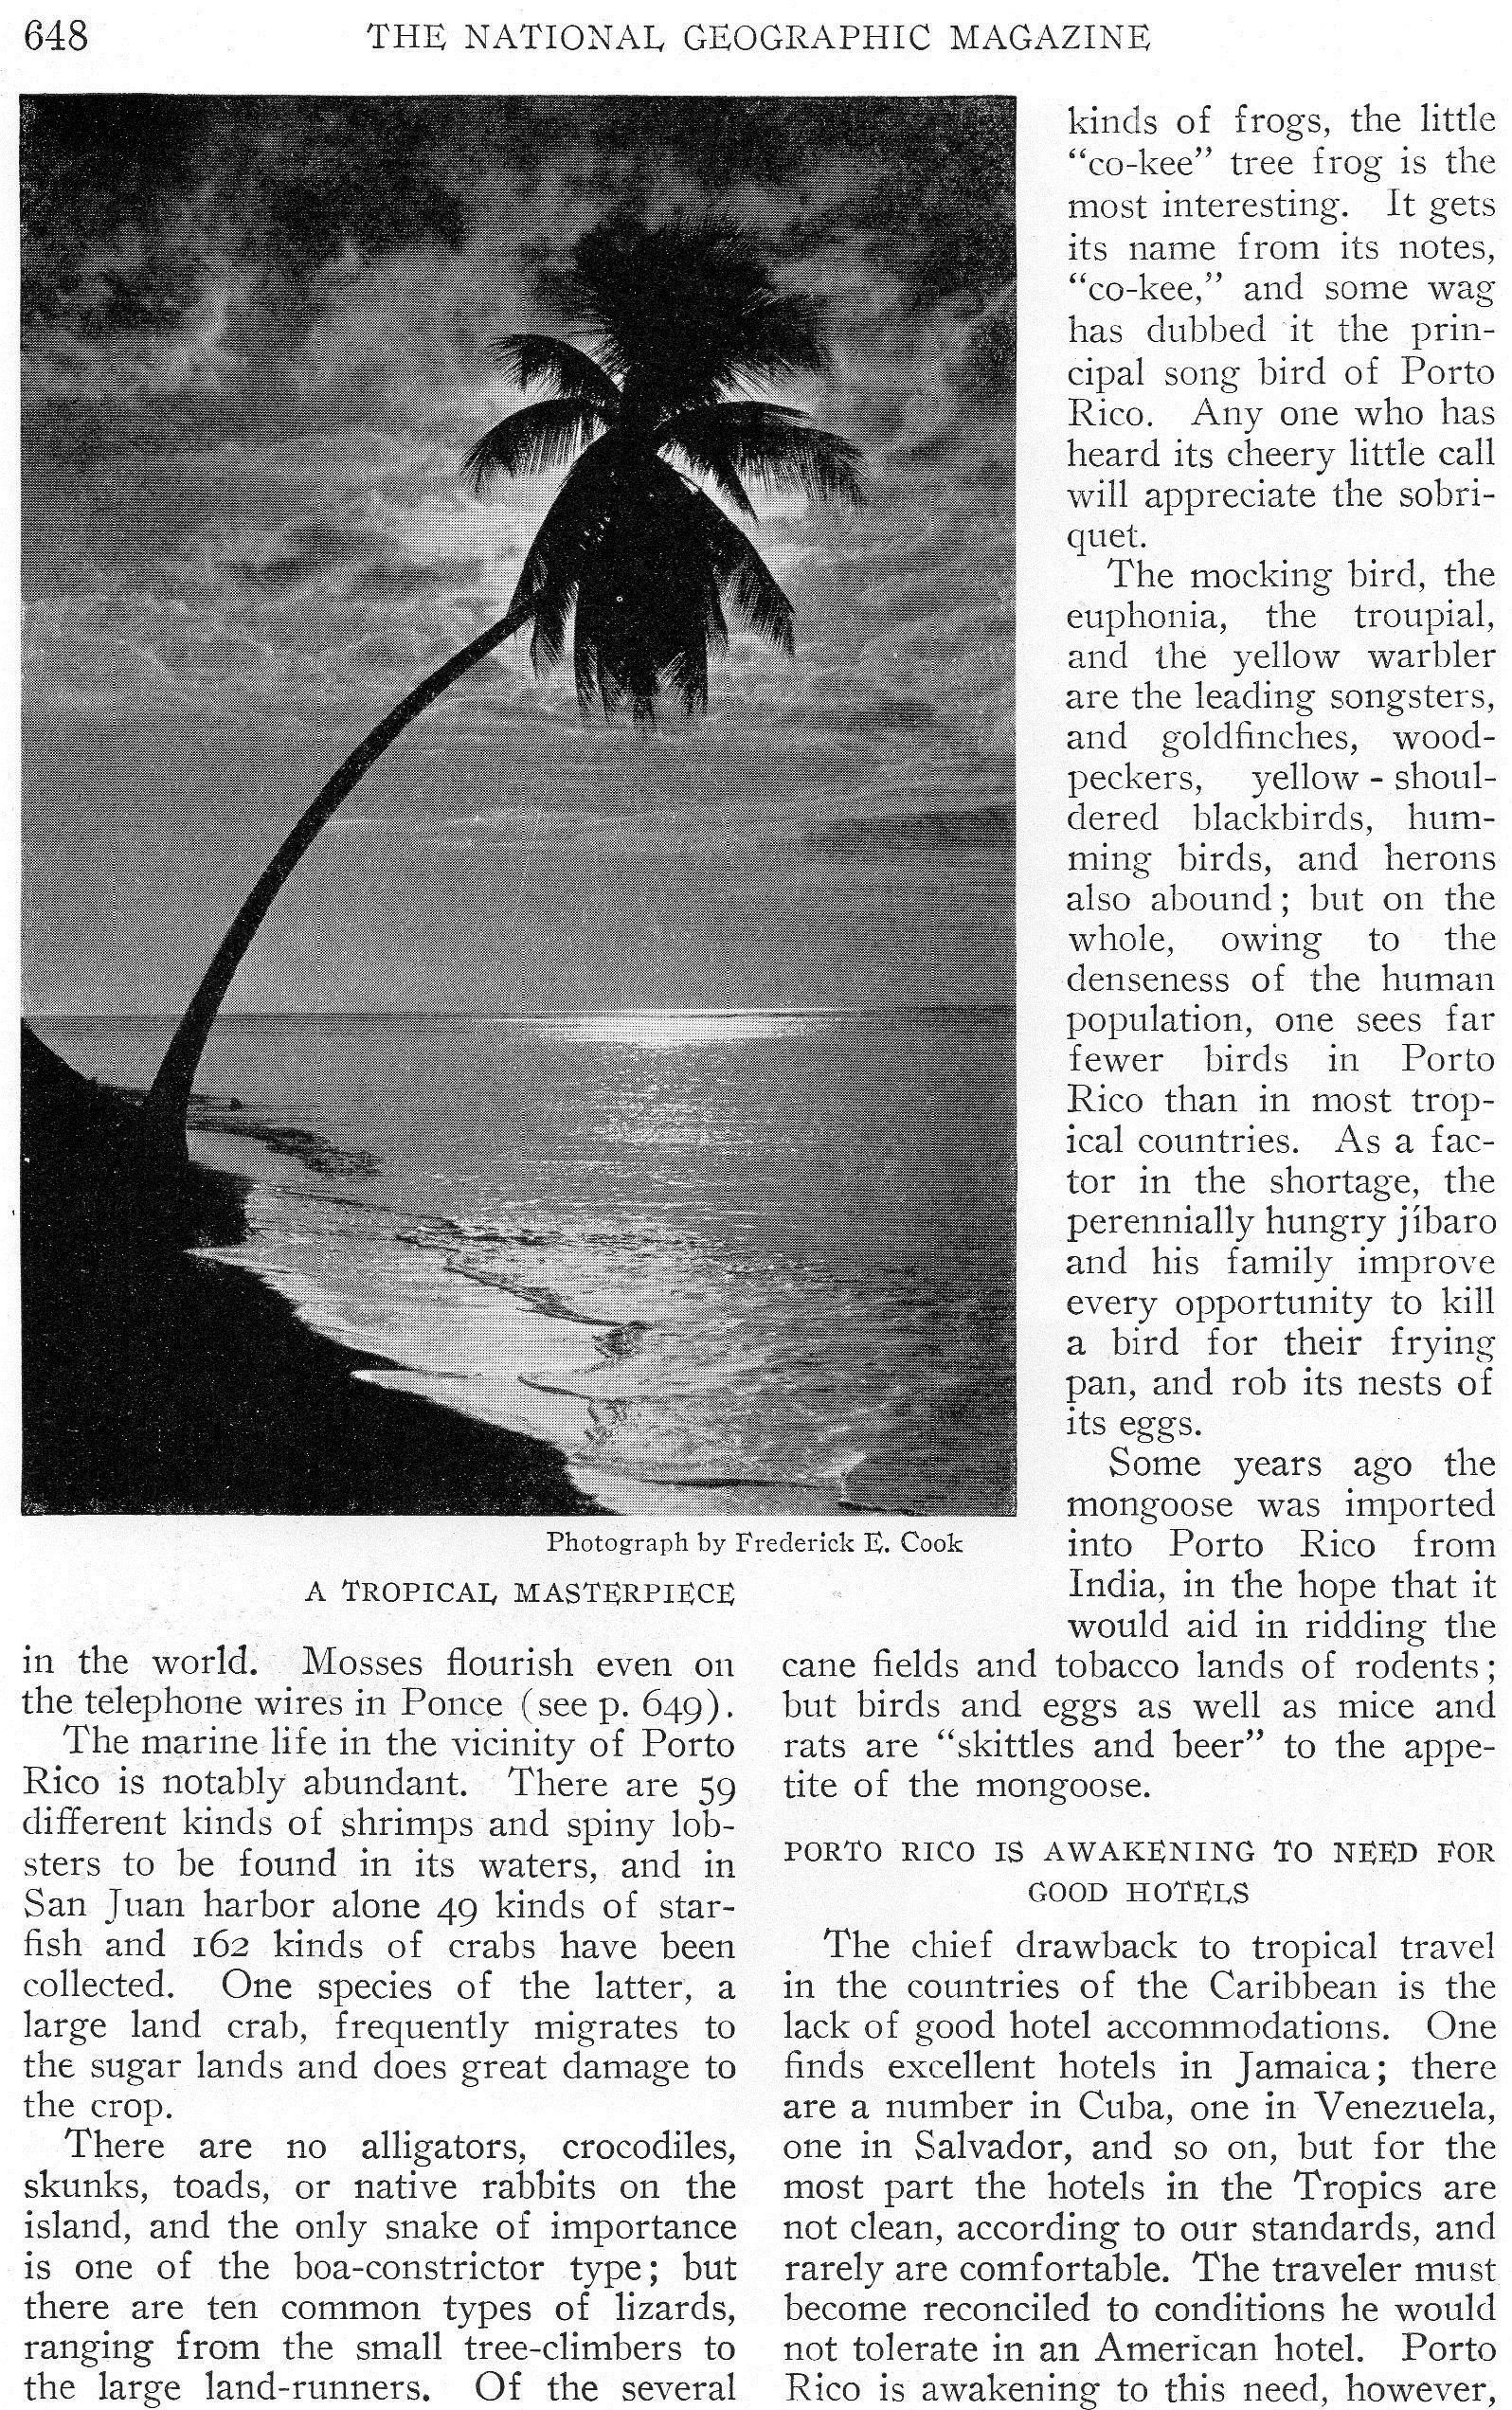 """Puerto Rico, en la portada y bien destacada en la edición de diciembre de 1924 de la revista Estadounidense """"National Geographic"""". ~ Puerto Rico, on the cover & featured in the December 1924 issue of the United States magazine """"National Geographic"""". Pg 648"""